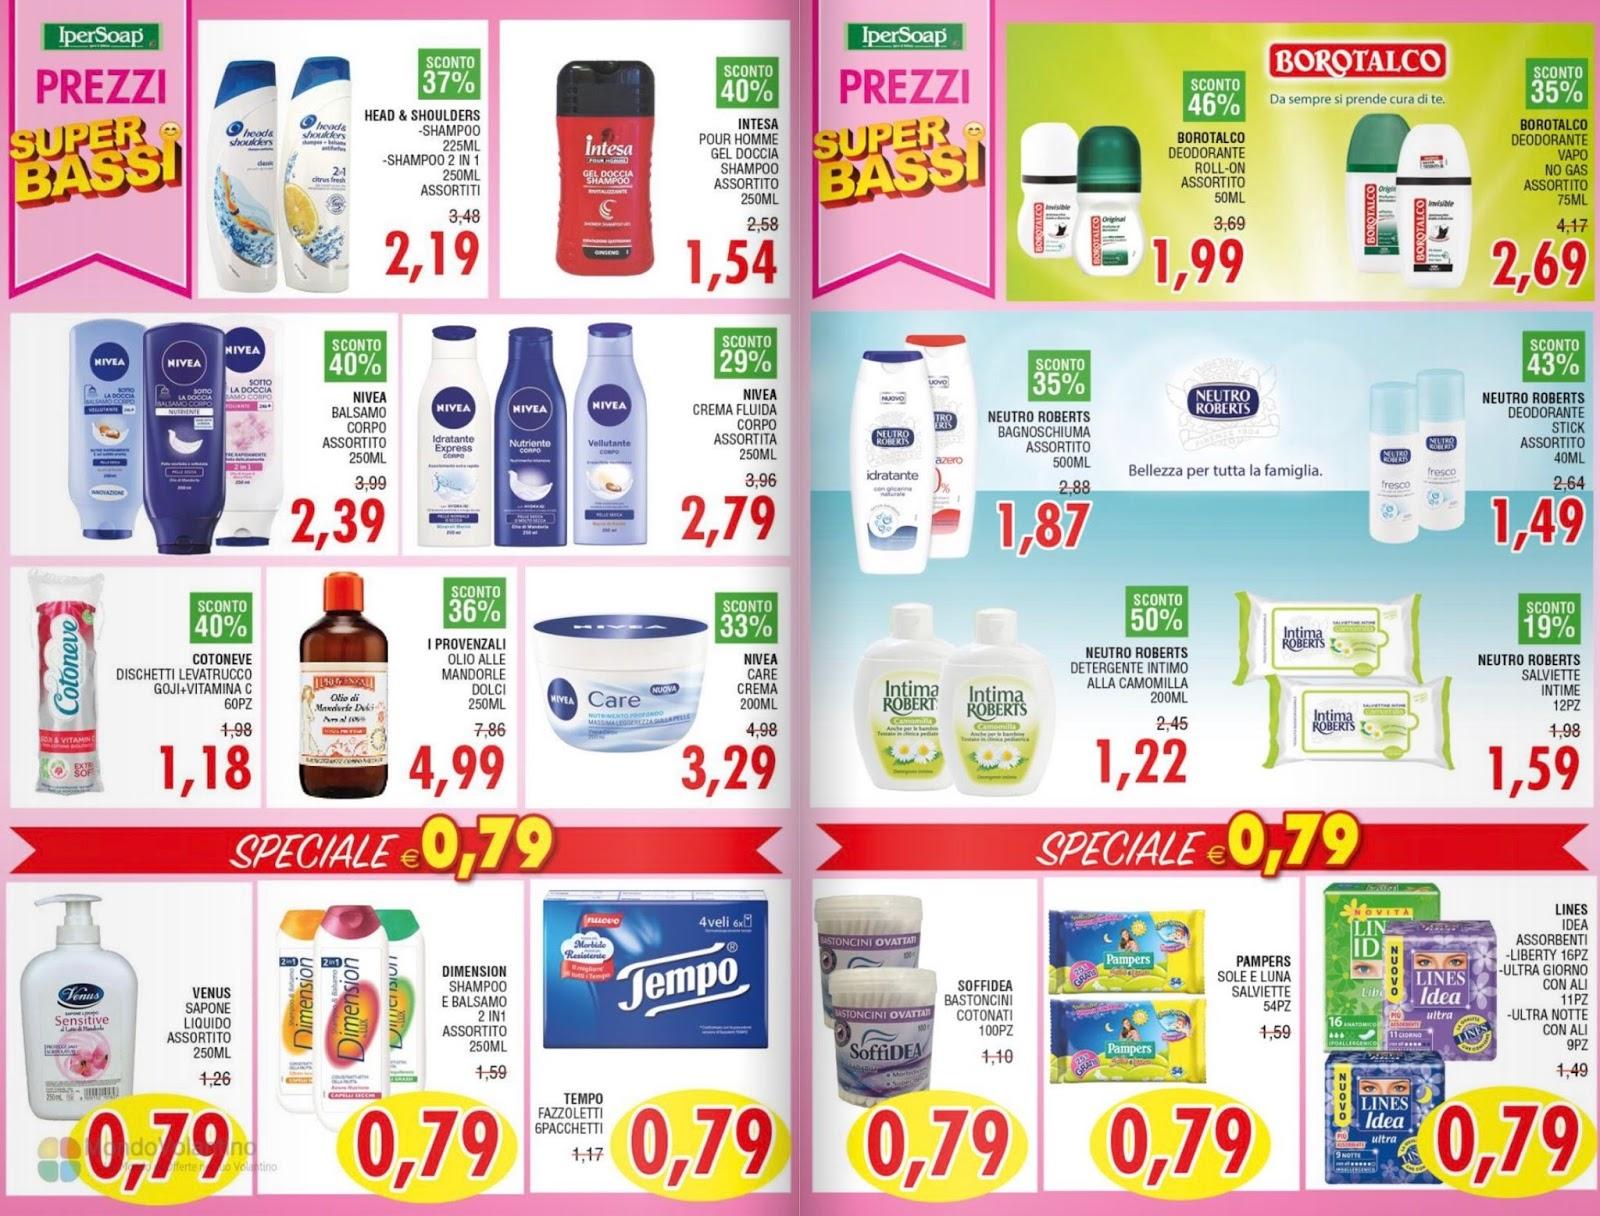 Volantino ipersoap dal 17 al 29 luglio for Volantino acqua e sapone sicilia